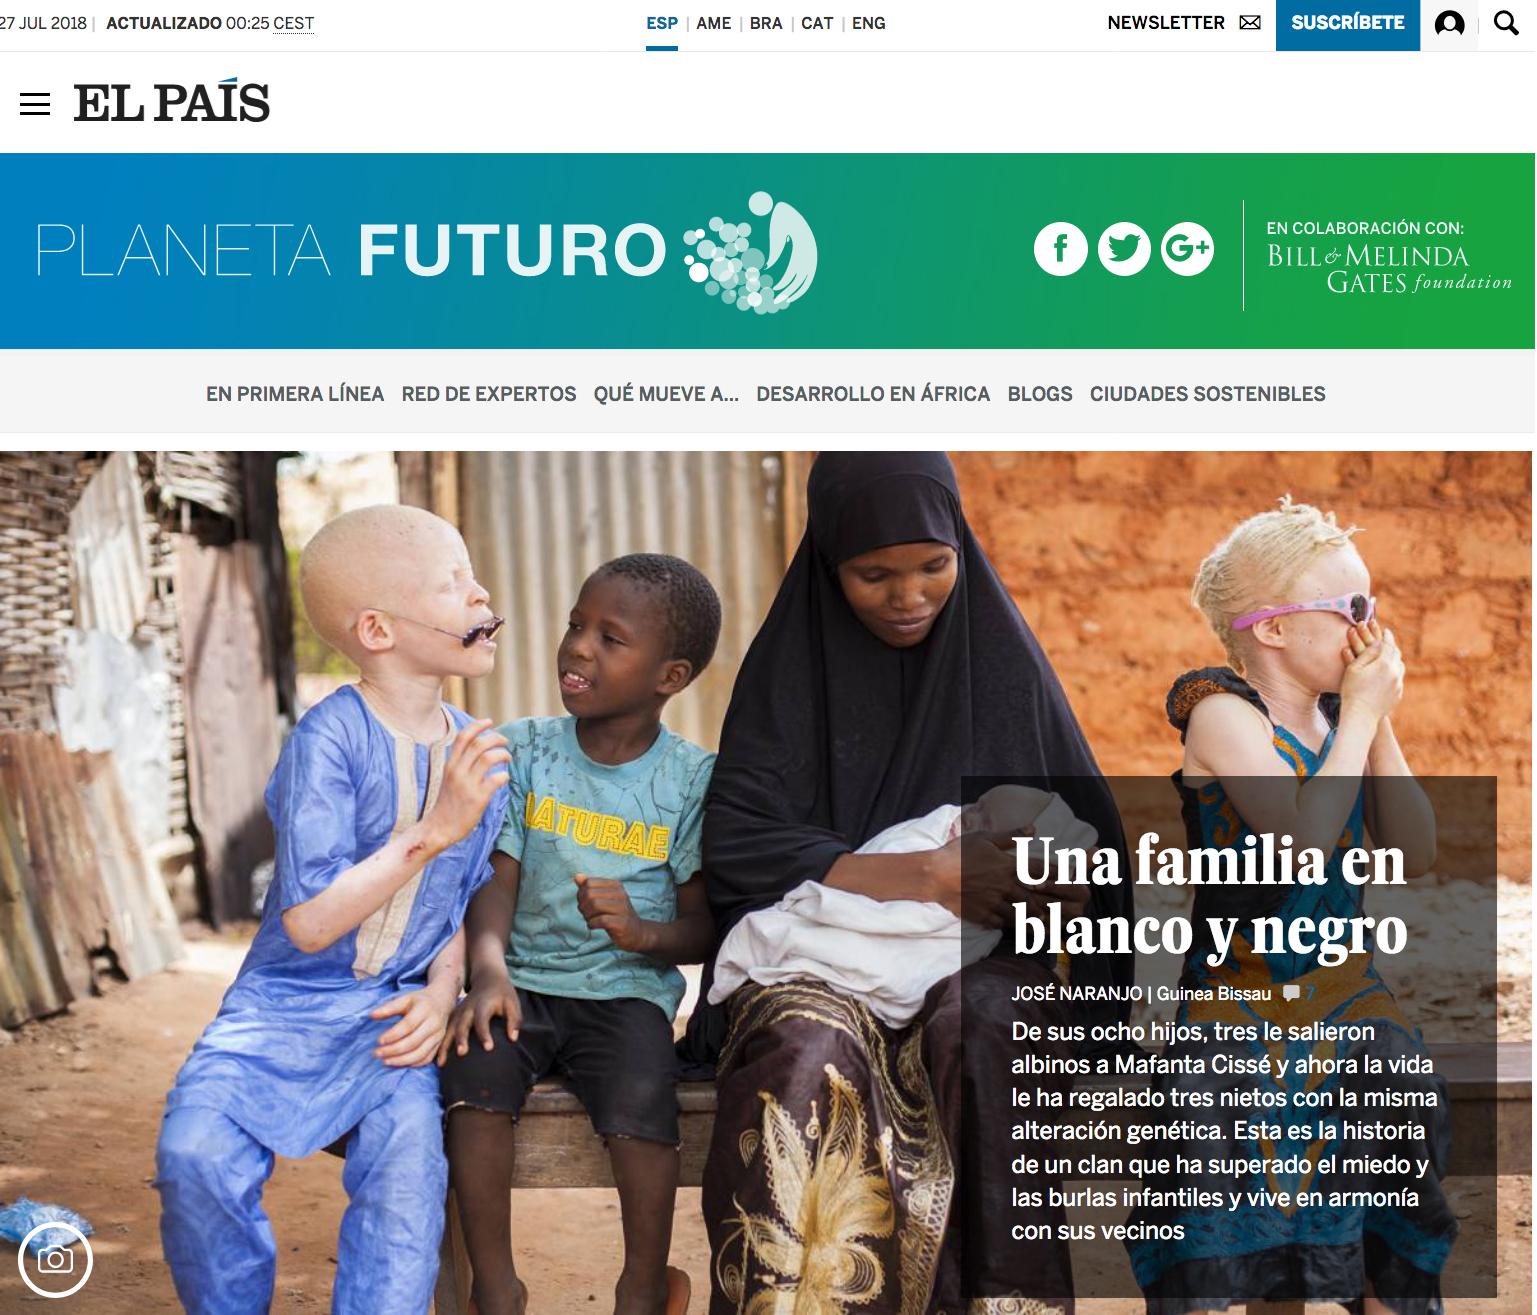 Portada_Planeta Futuro_Albinos_Julio 2018_02